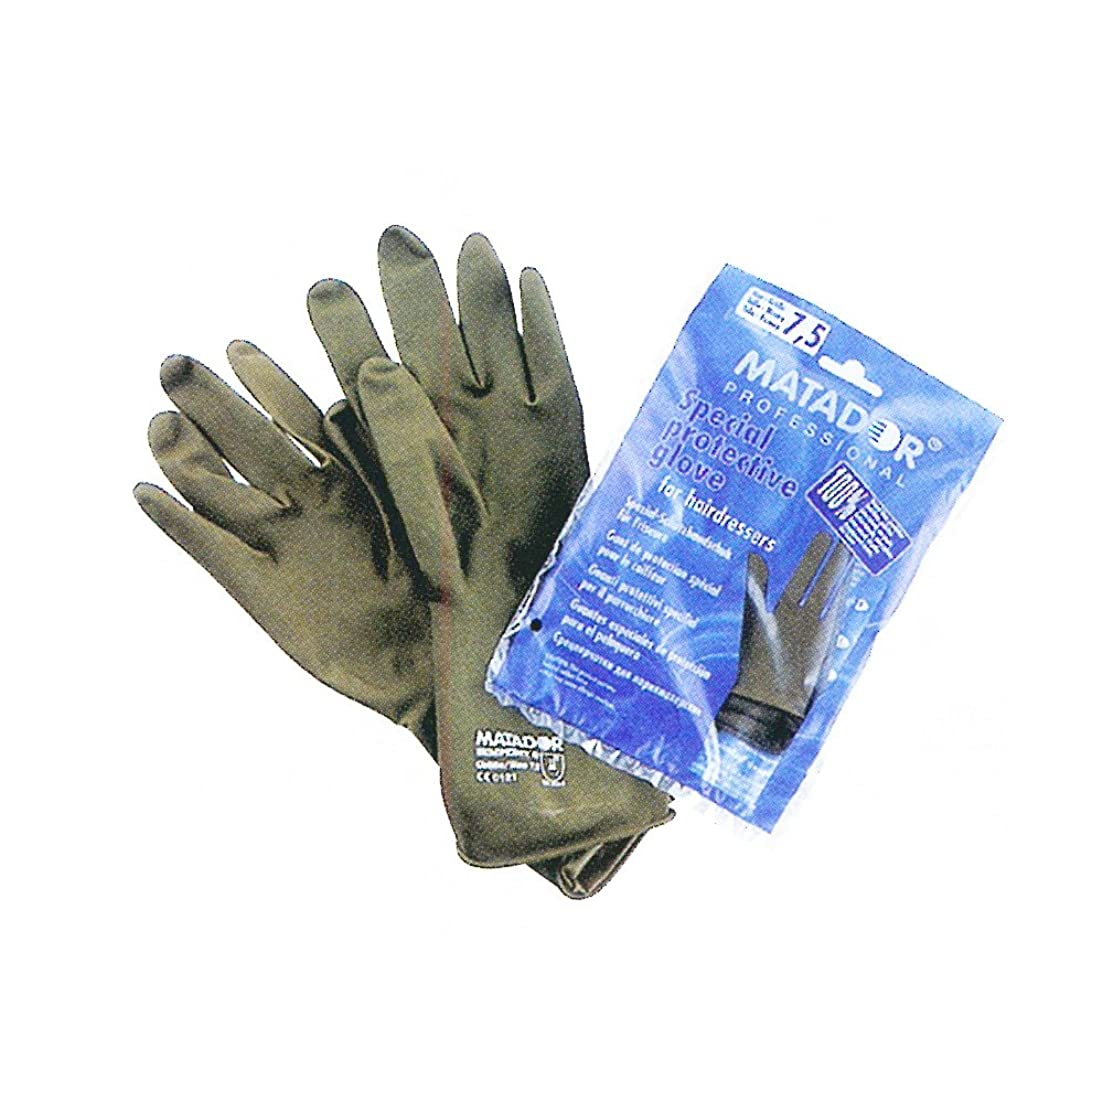 拘束真実に薄めるマタドールゴム手袋 6.0吋